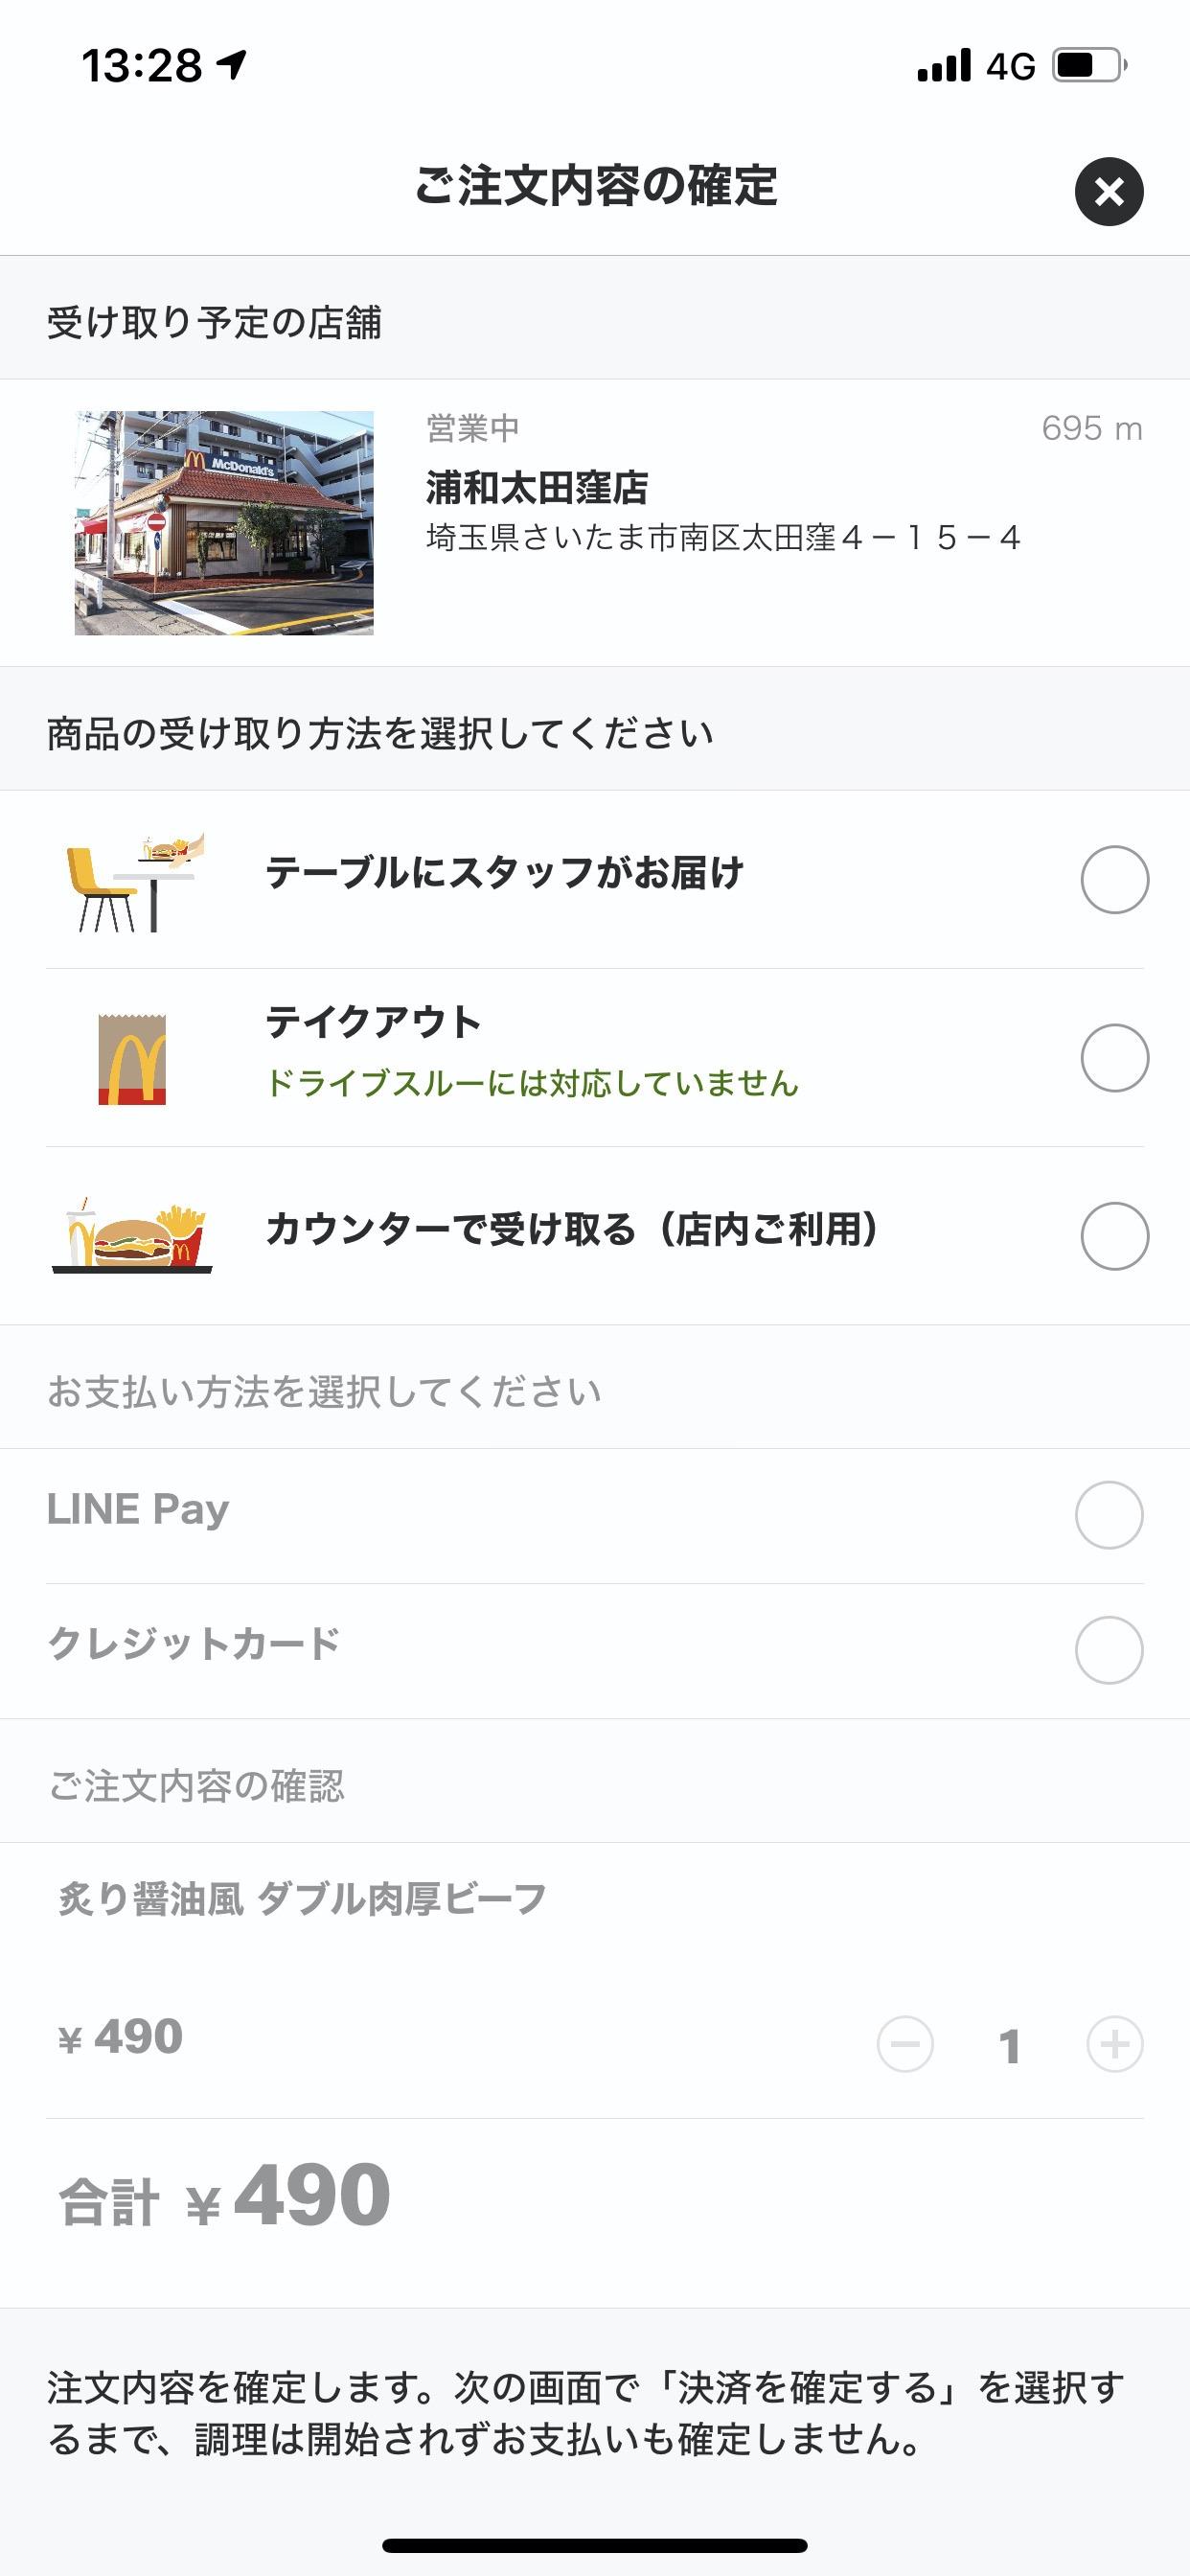 【マクドナルド】公式アプリ モバイルオーダー 6